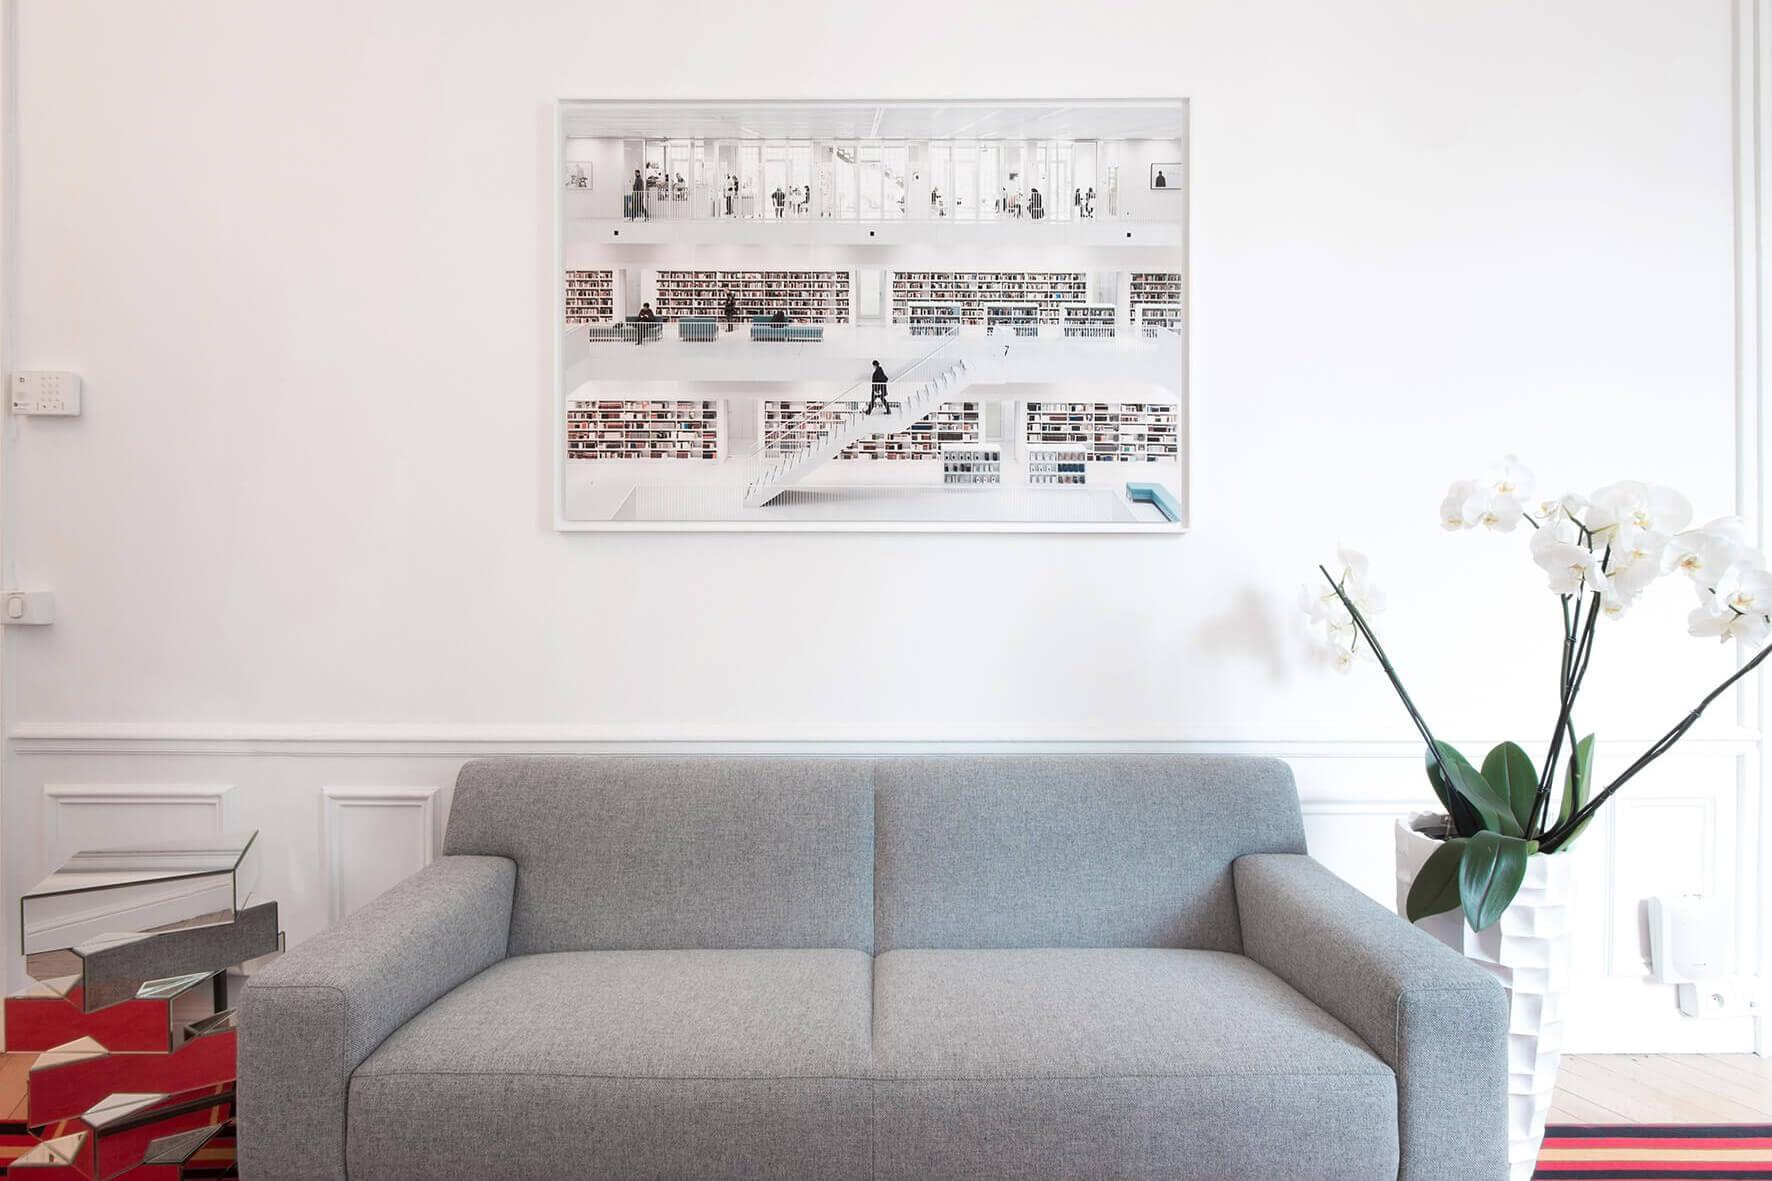 Vente et installation de photographies d'art Pixopolitan pour le cabinet d'avocats indépendants Villey Girard Groelleaud.